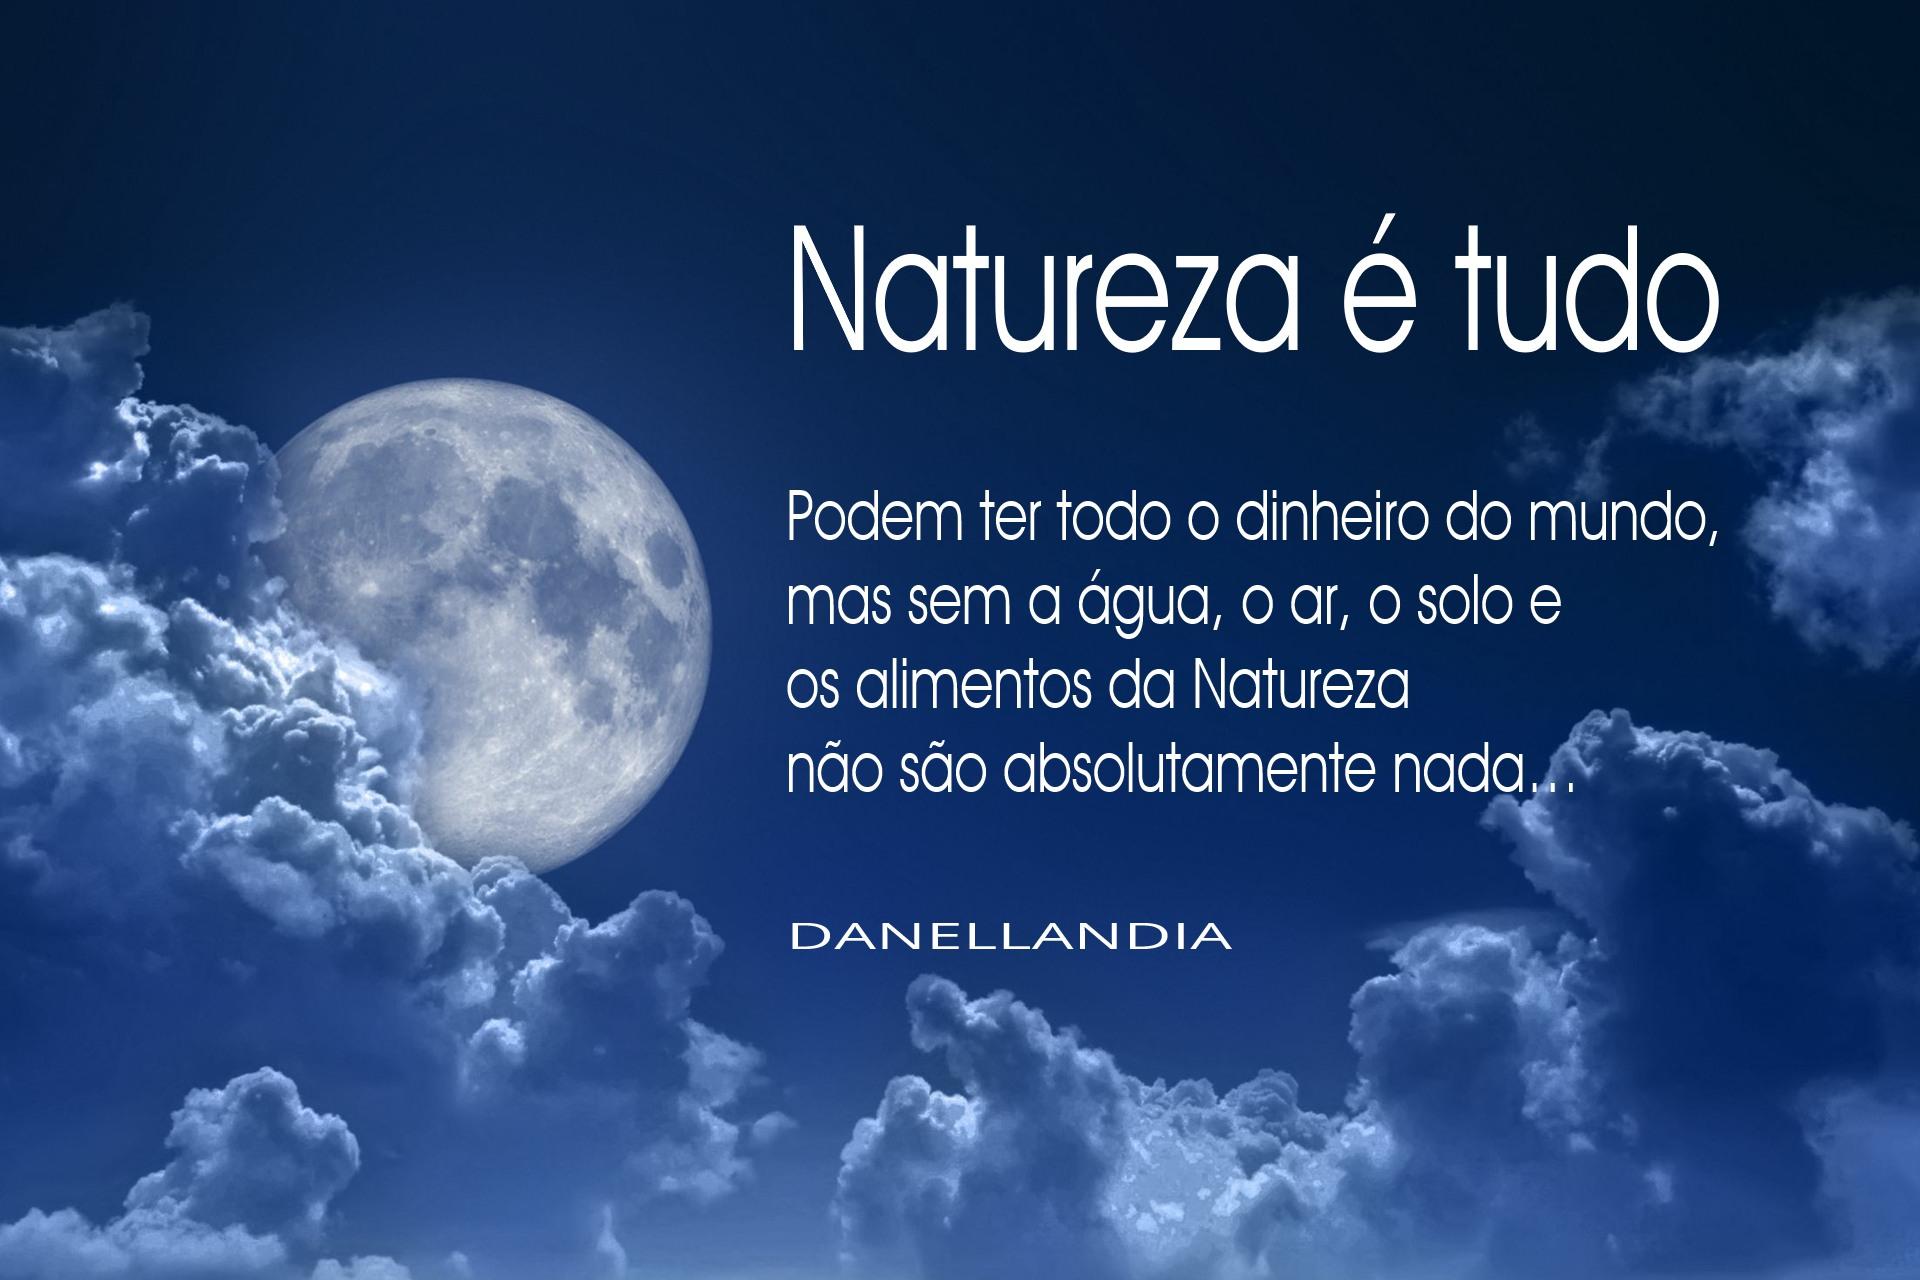 Natureza é tudo